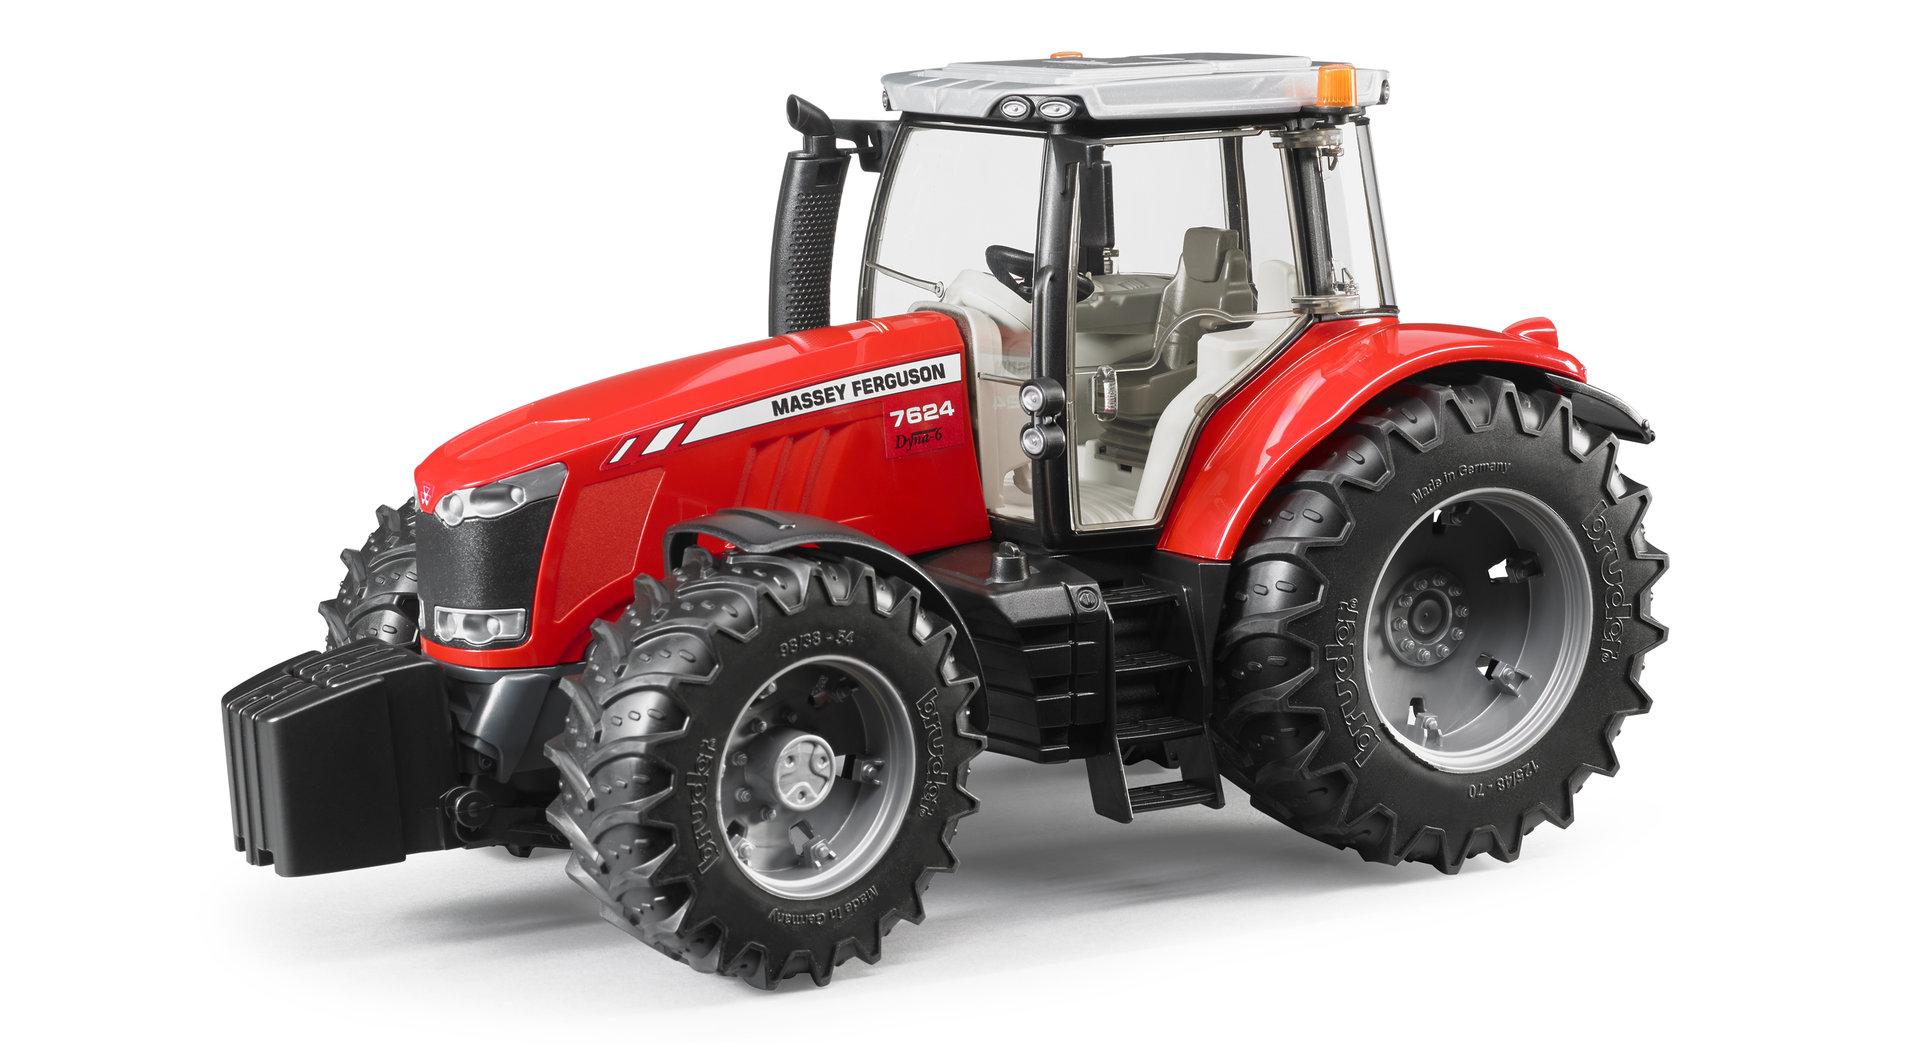 Massey ferguson 7624 bruder massey bruder mf bruder mf traktor